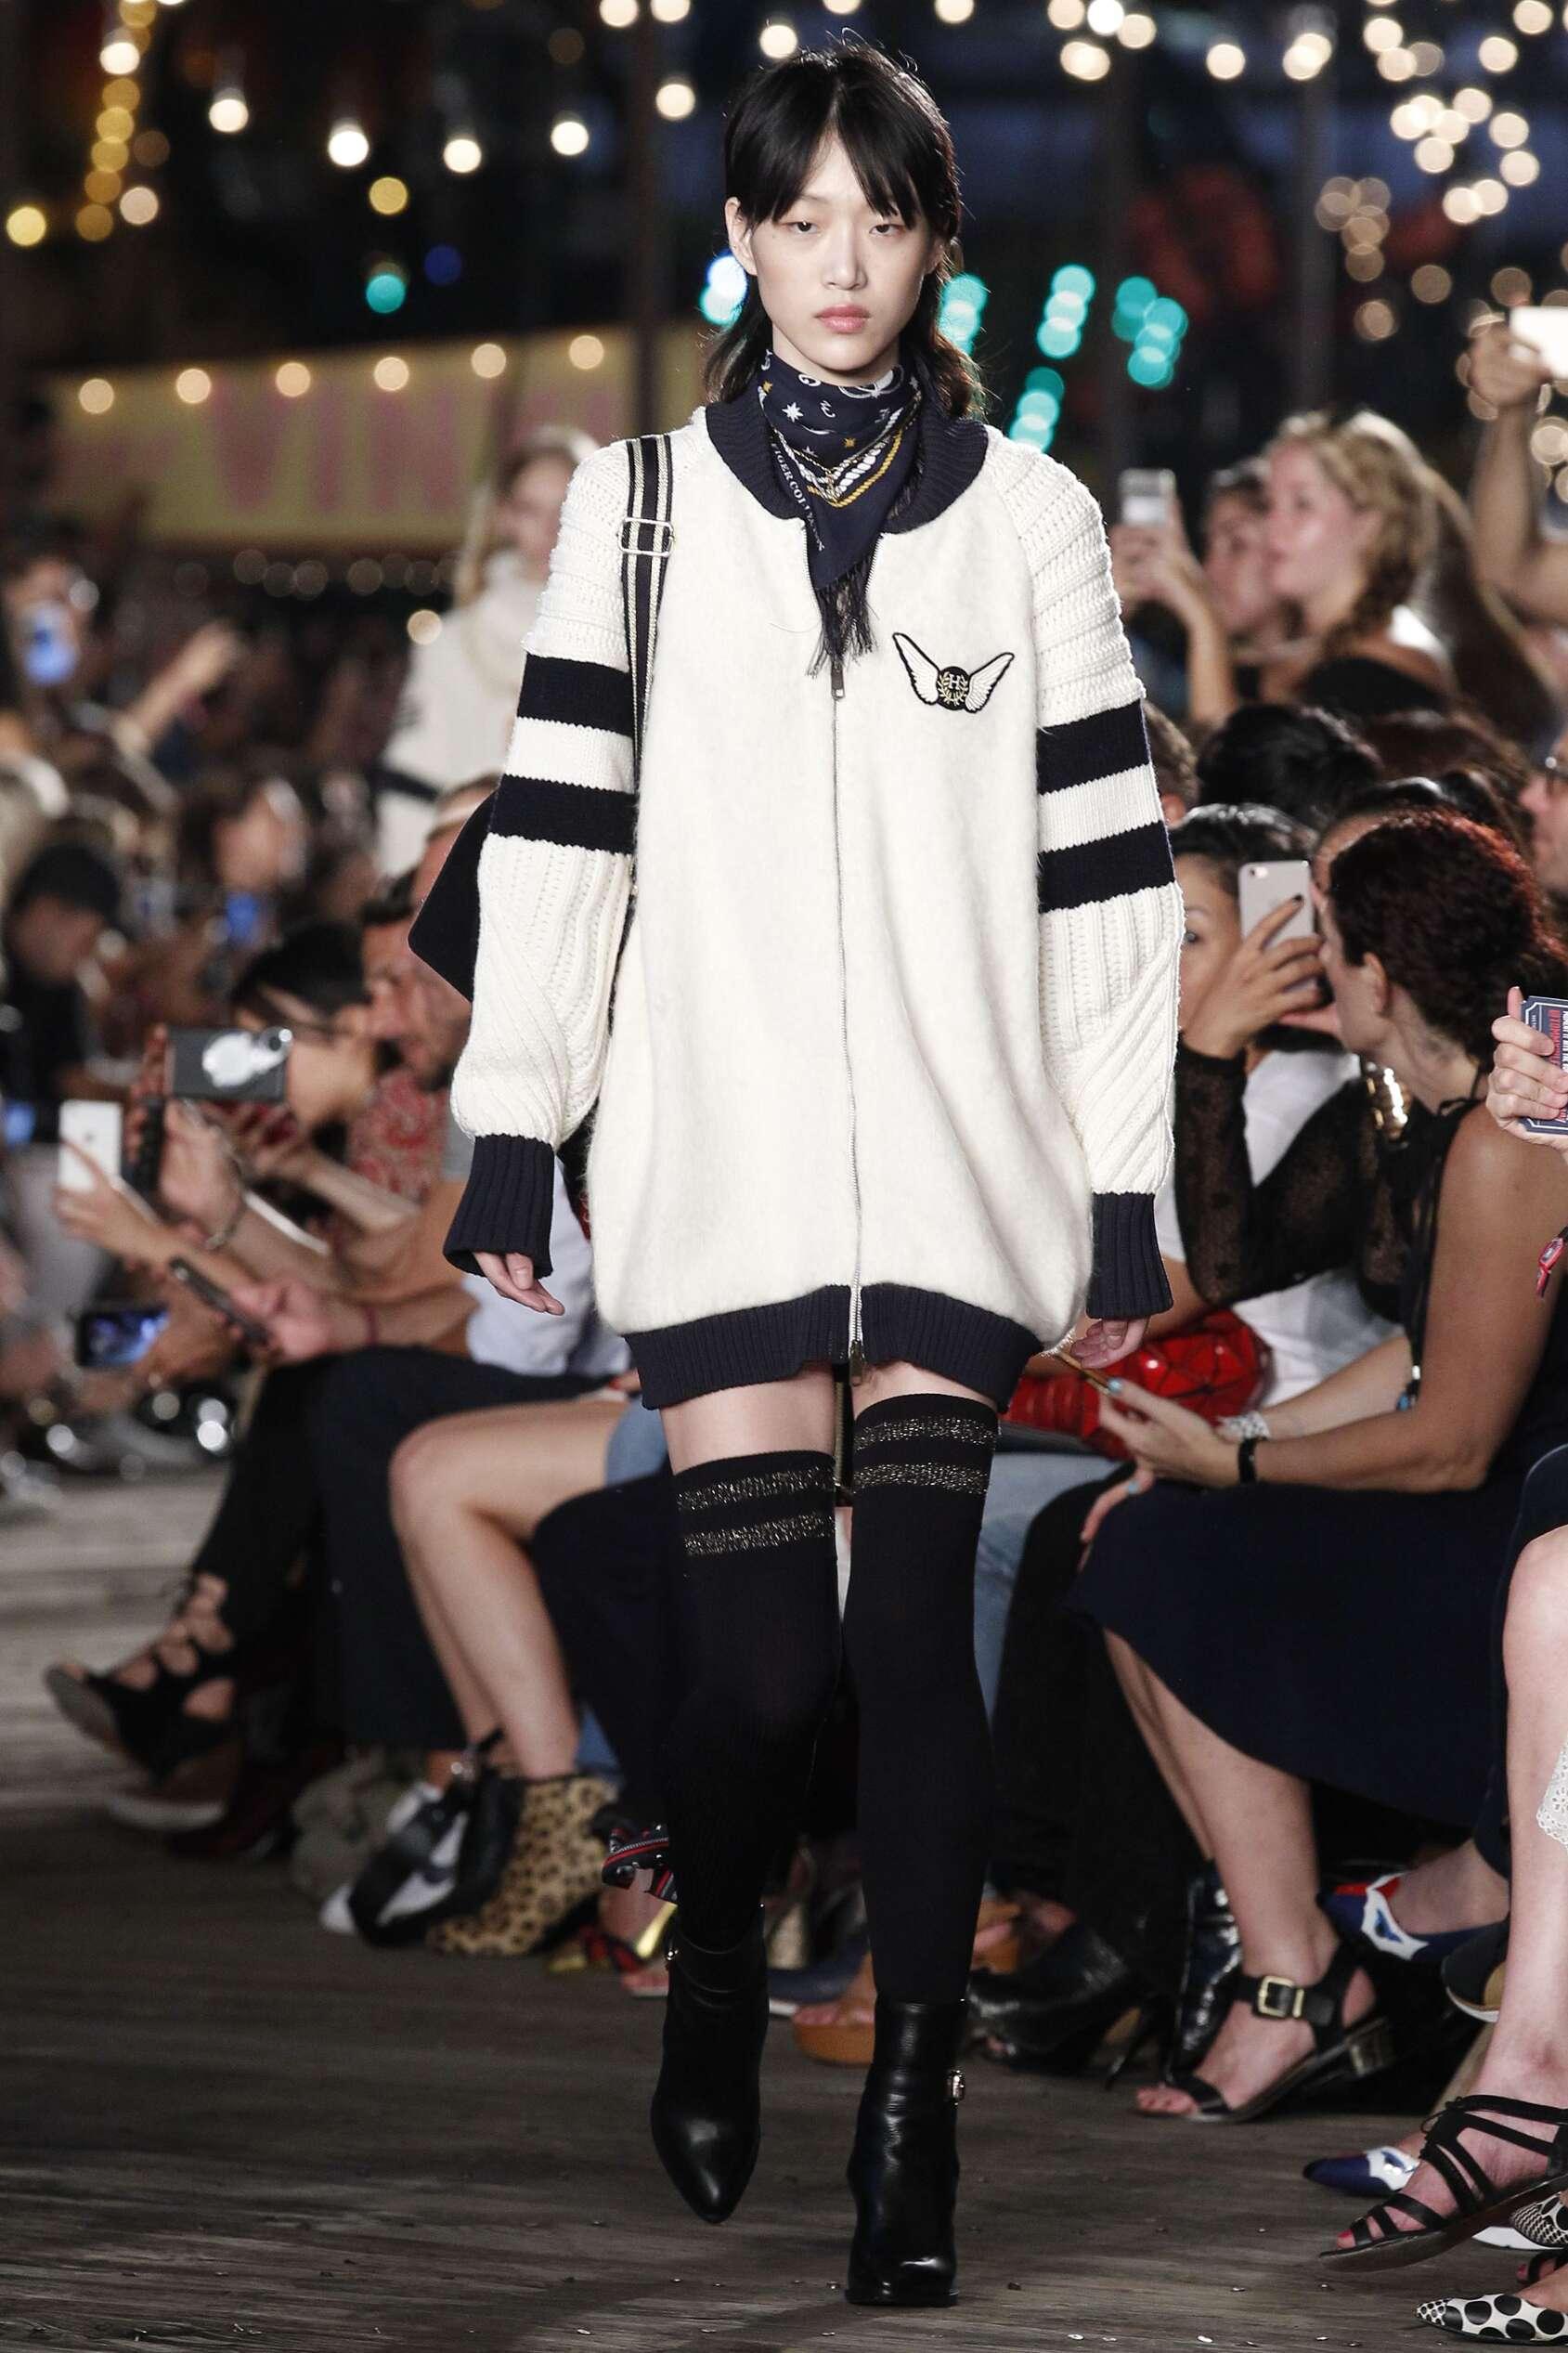 bfab5204 Fall 2016-17 Woman Fashion Show Tommy Hilfiger